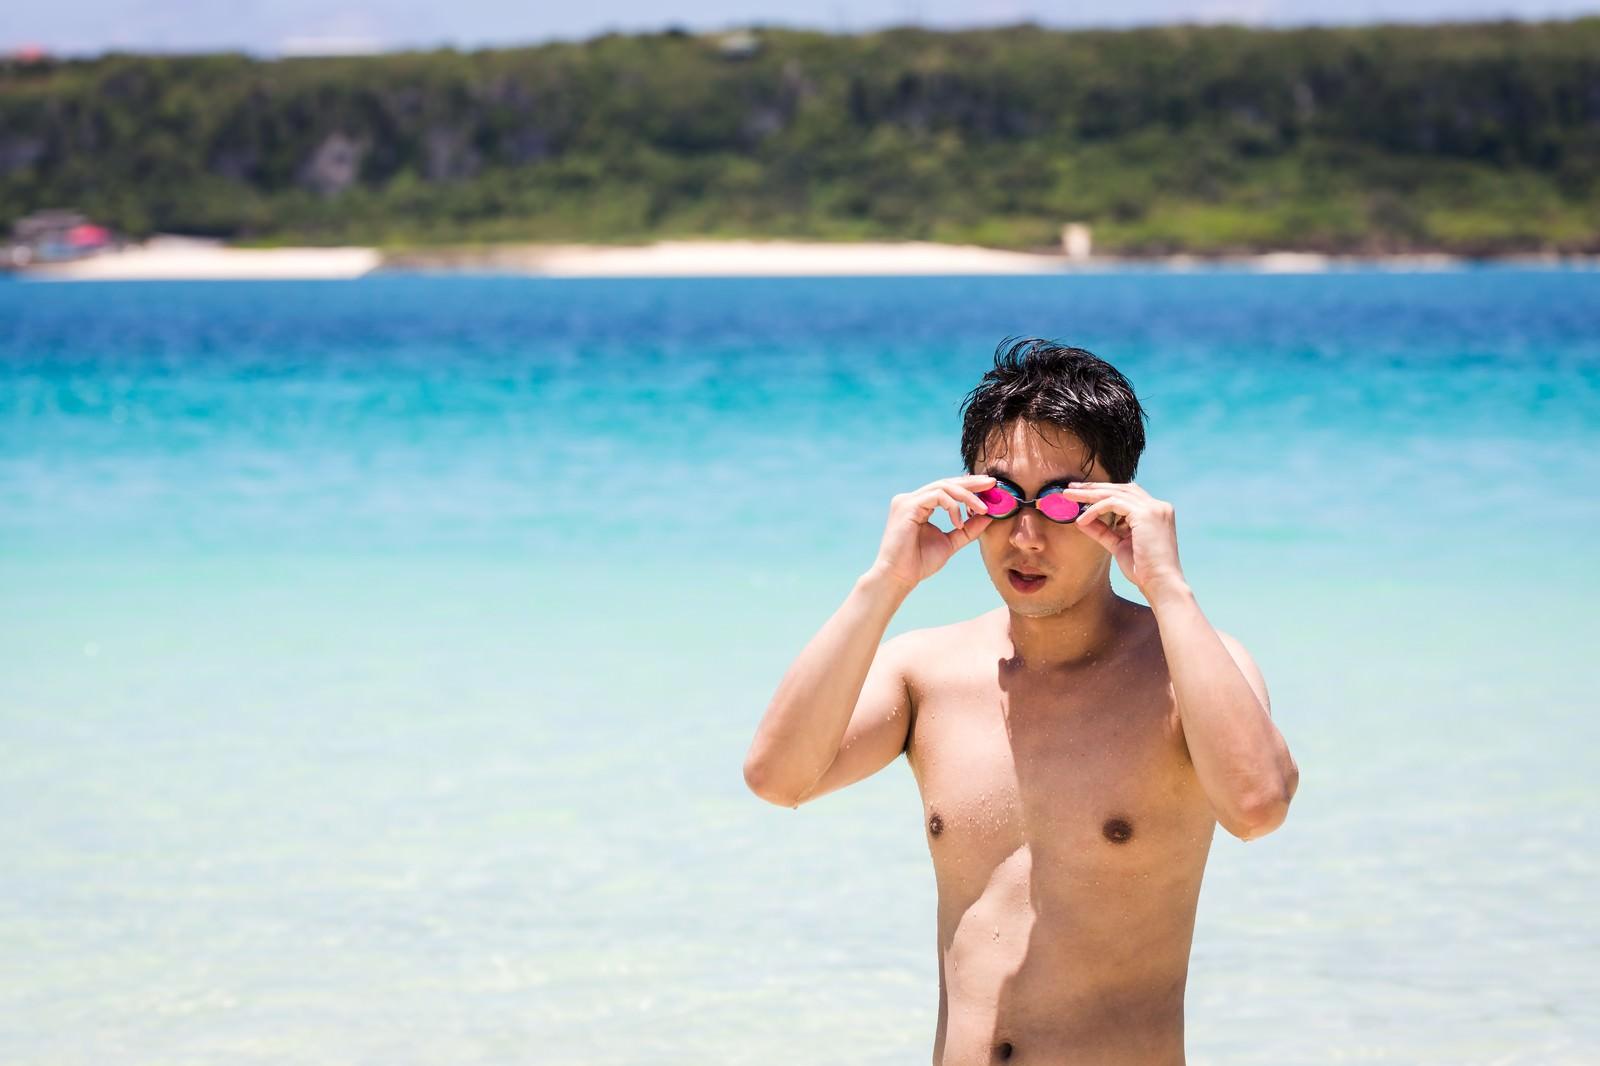 「度付きのゴーグルでビーチの水着ギャルを凝視する男性」の写真[モデル:大川竜弥]